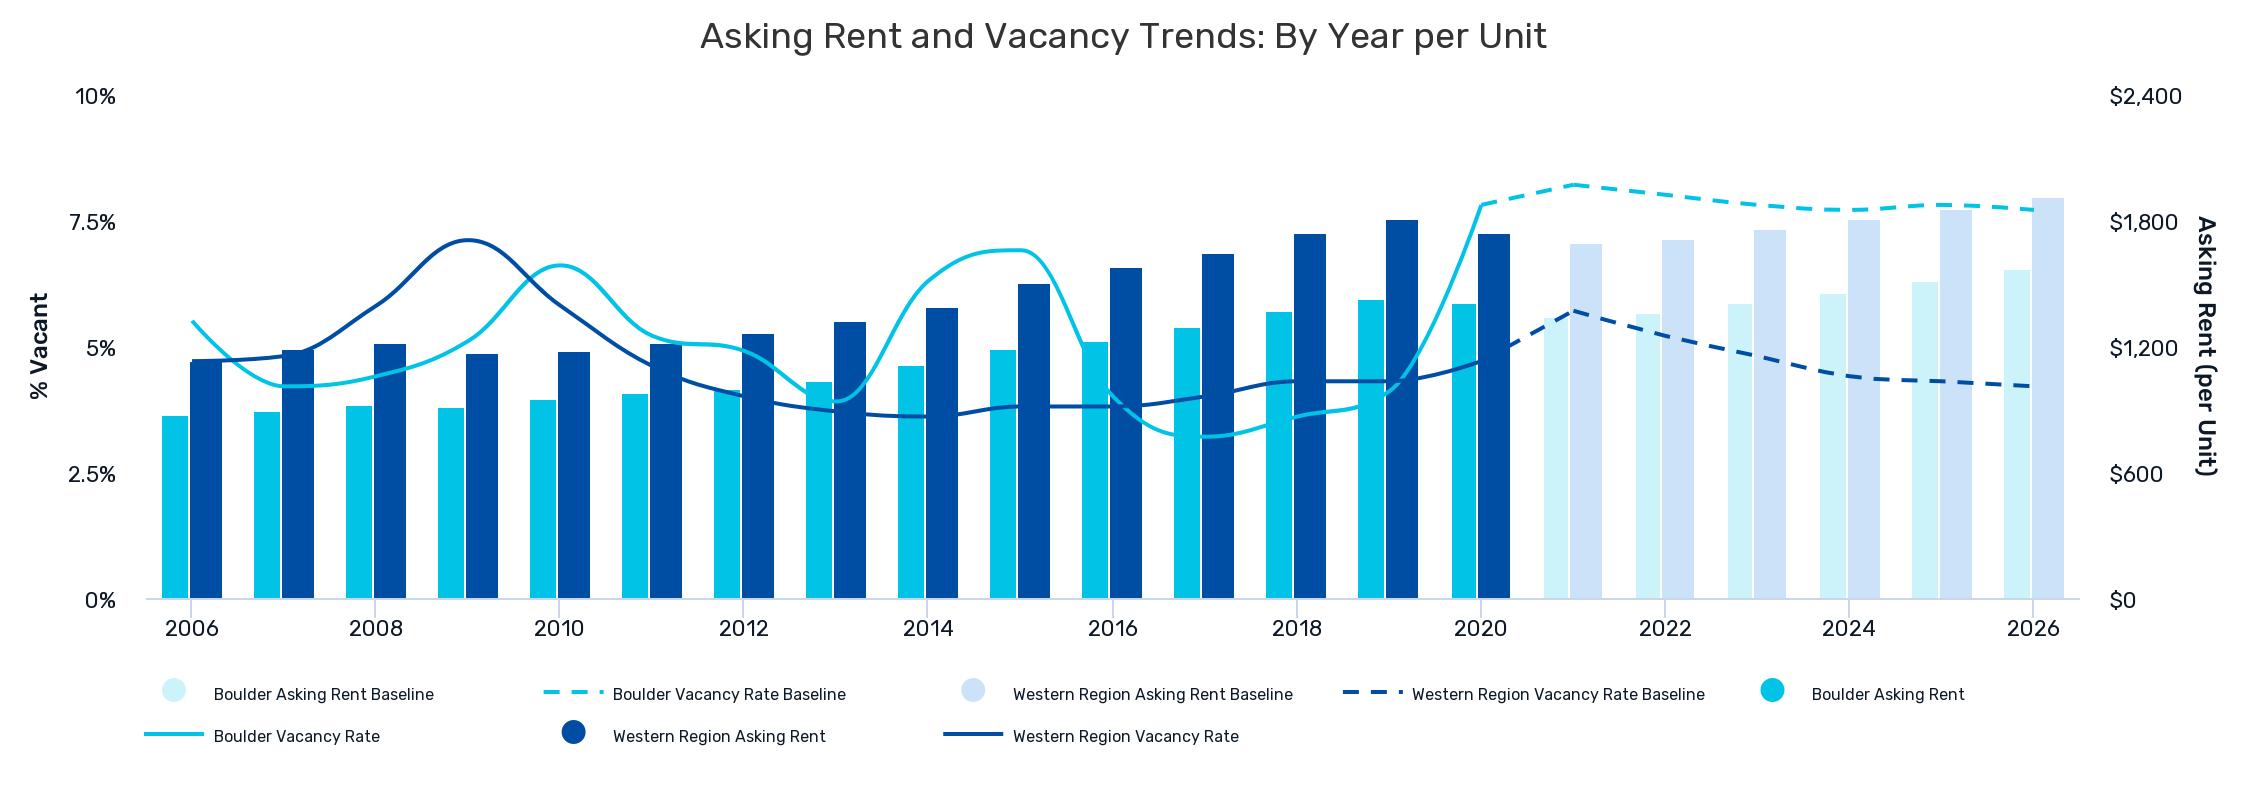 Asking Rent Vacancy Trends